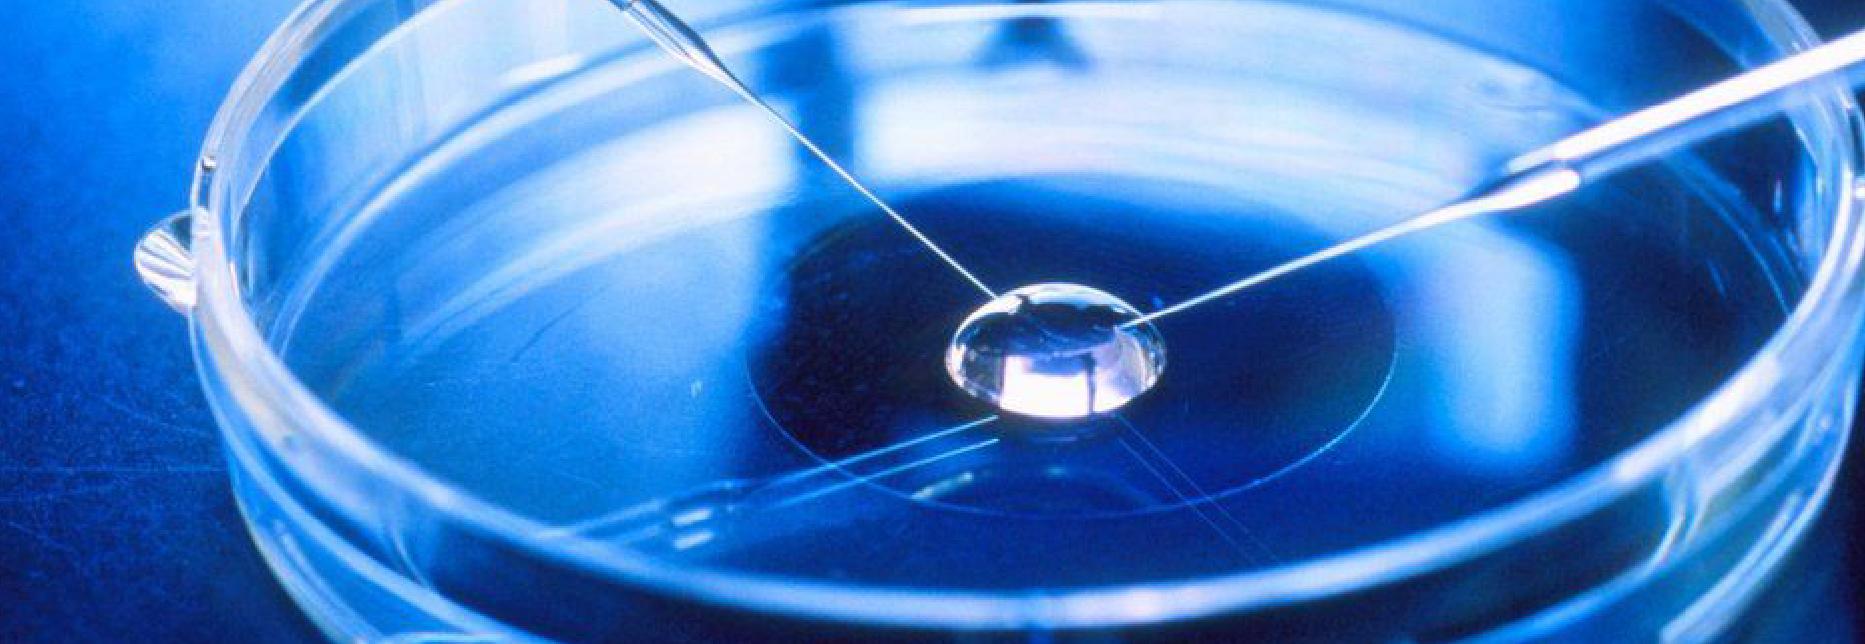 Infertility Treatment – Blastocyst Transfer